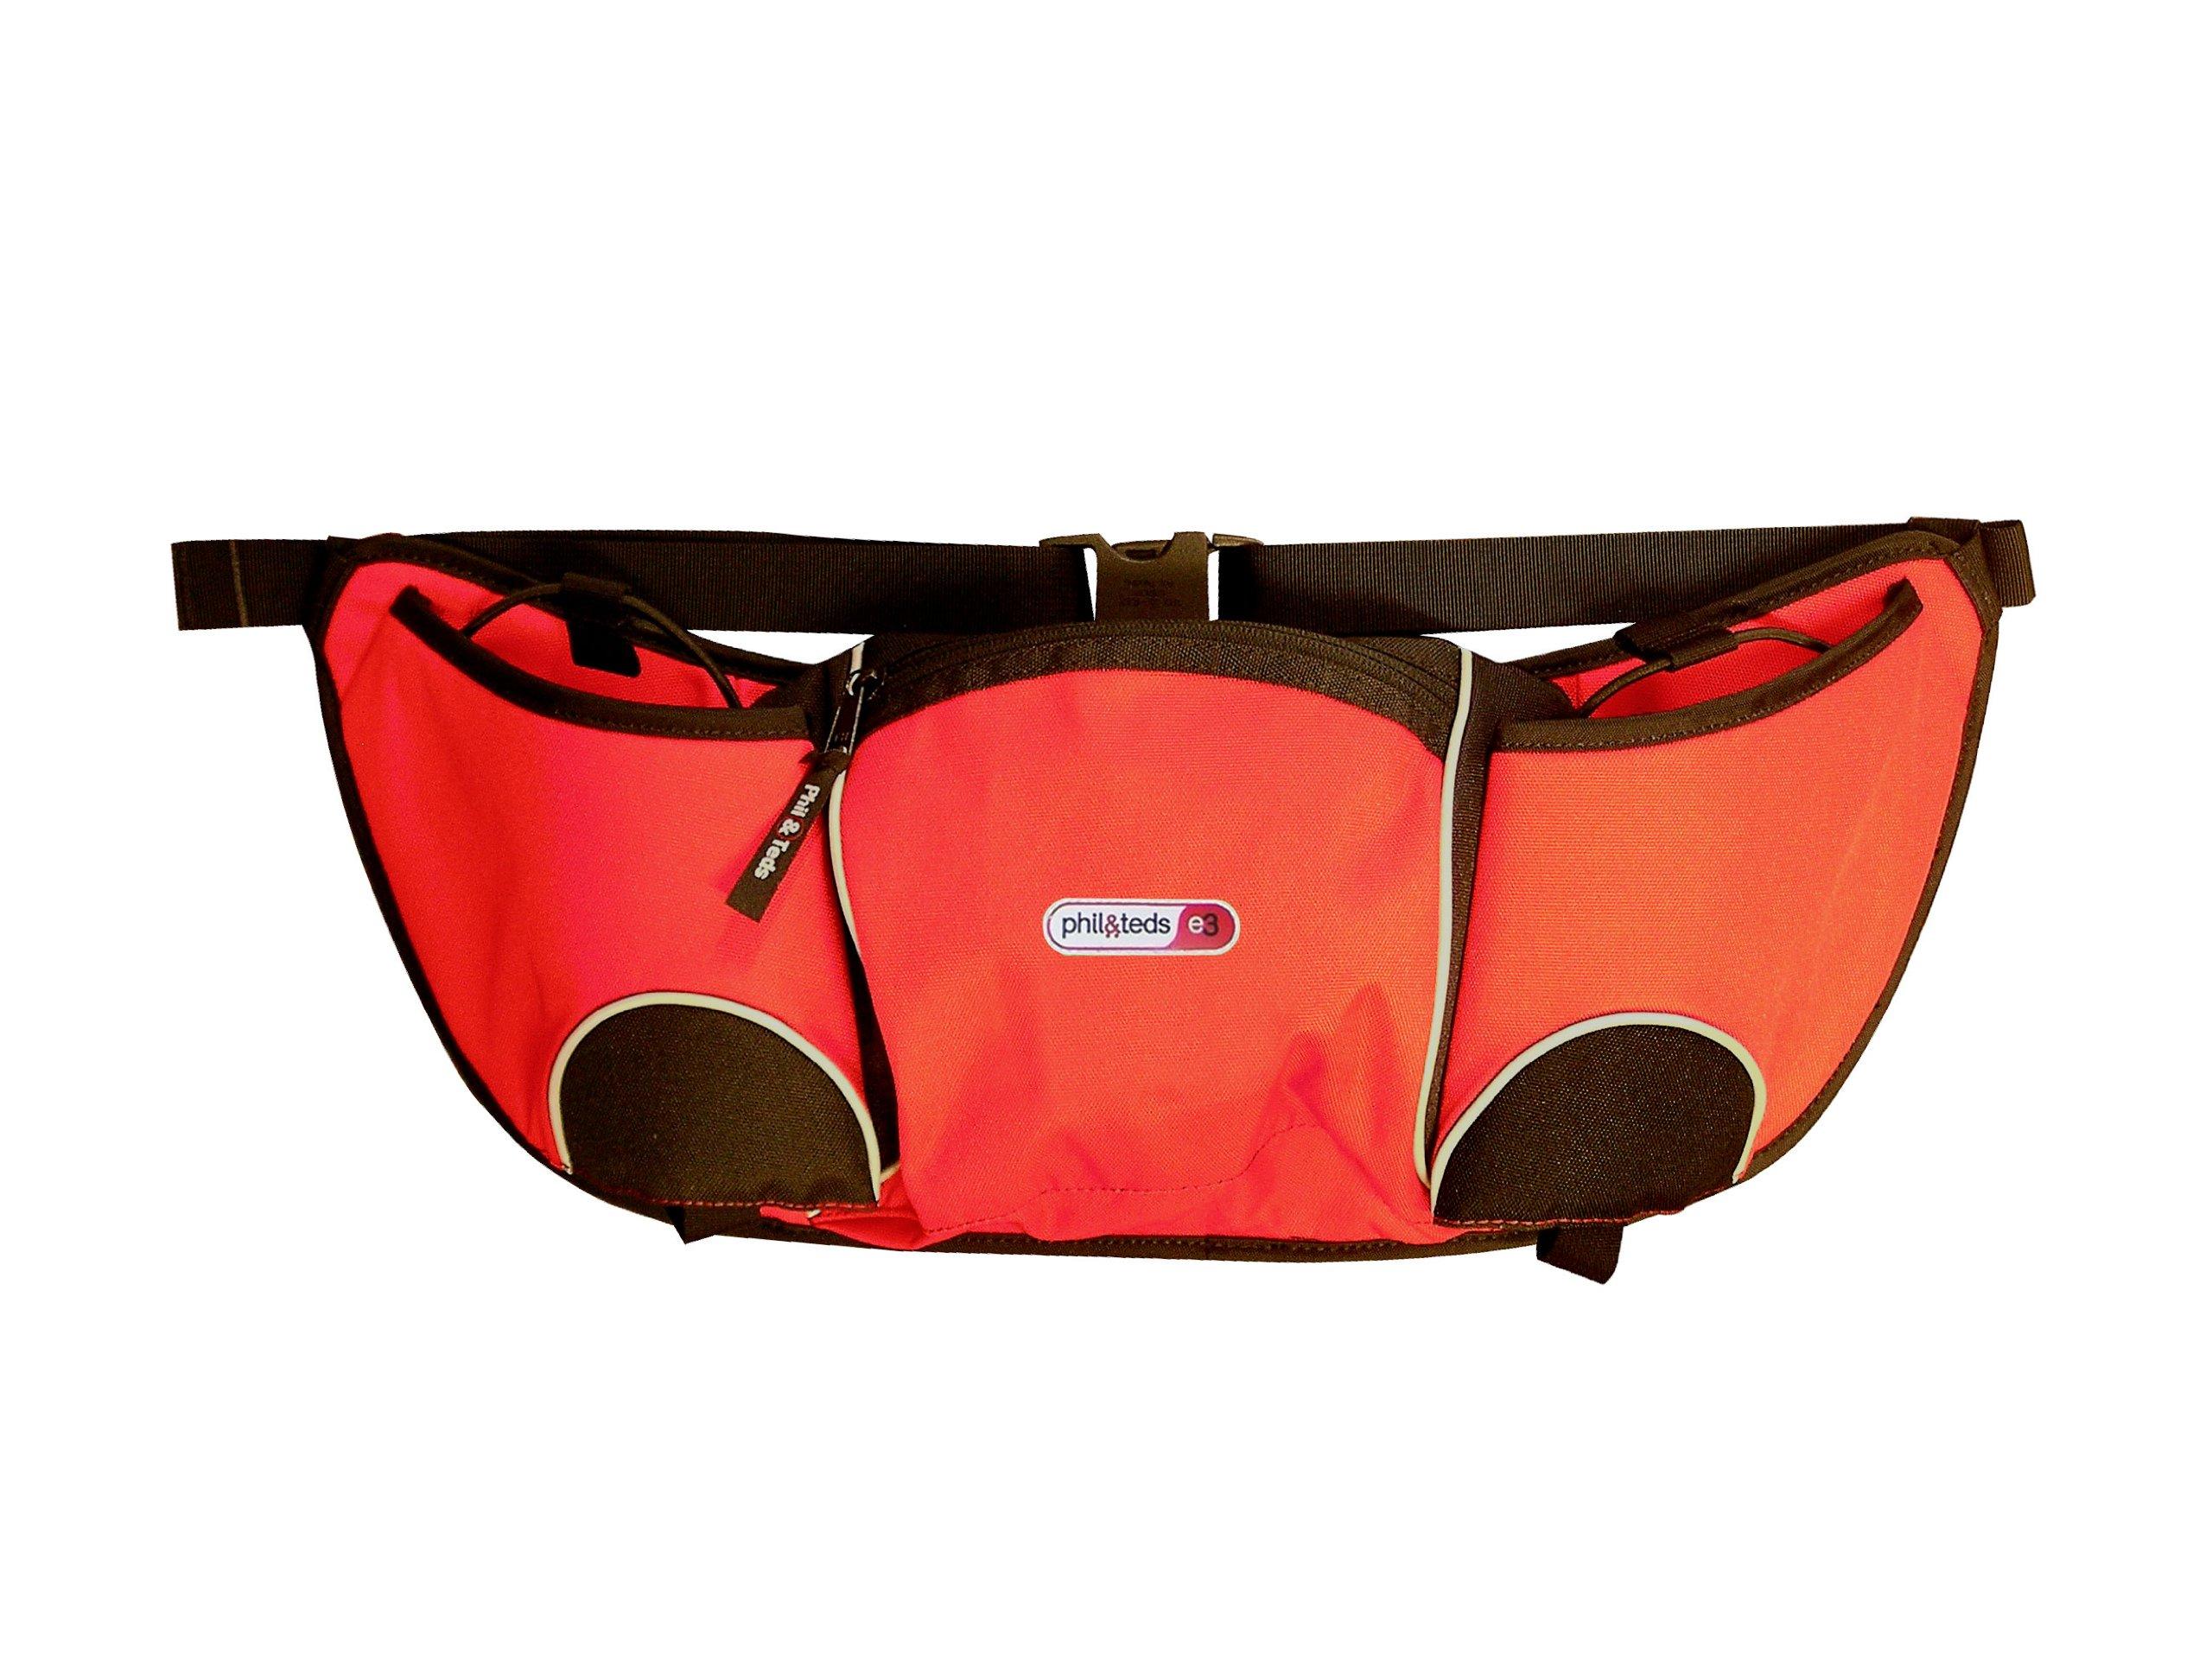 phil&teds Stroller Handle Hang Bag and Bottle Holder, Red